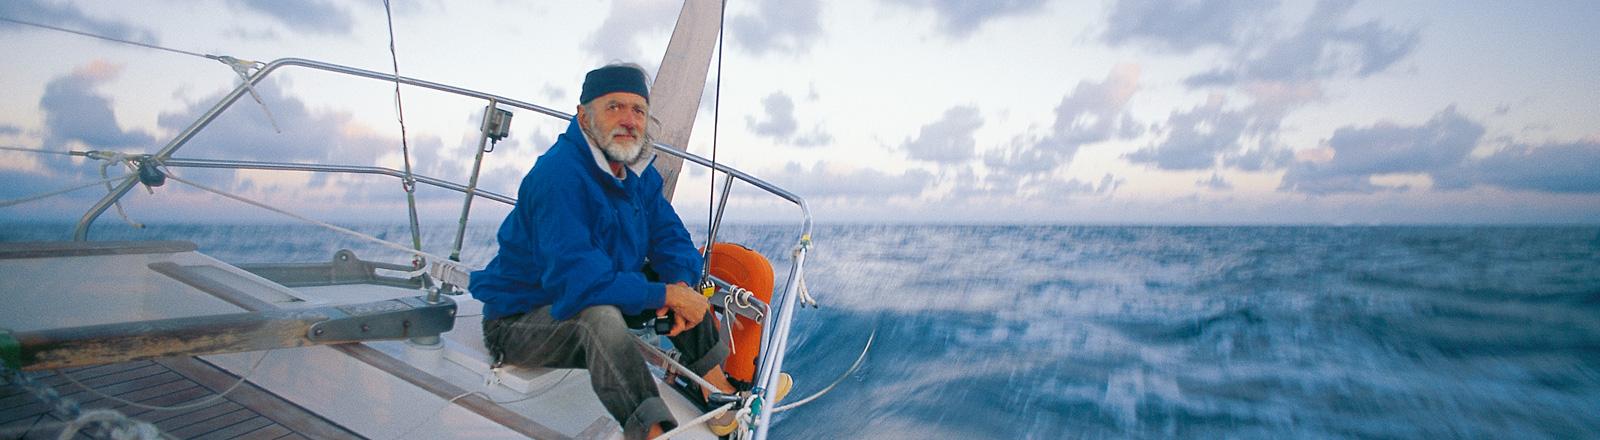 Mann sitzt auf einem Seegelboot